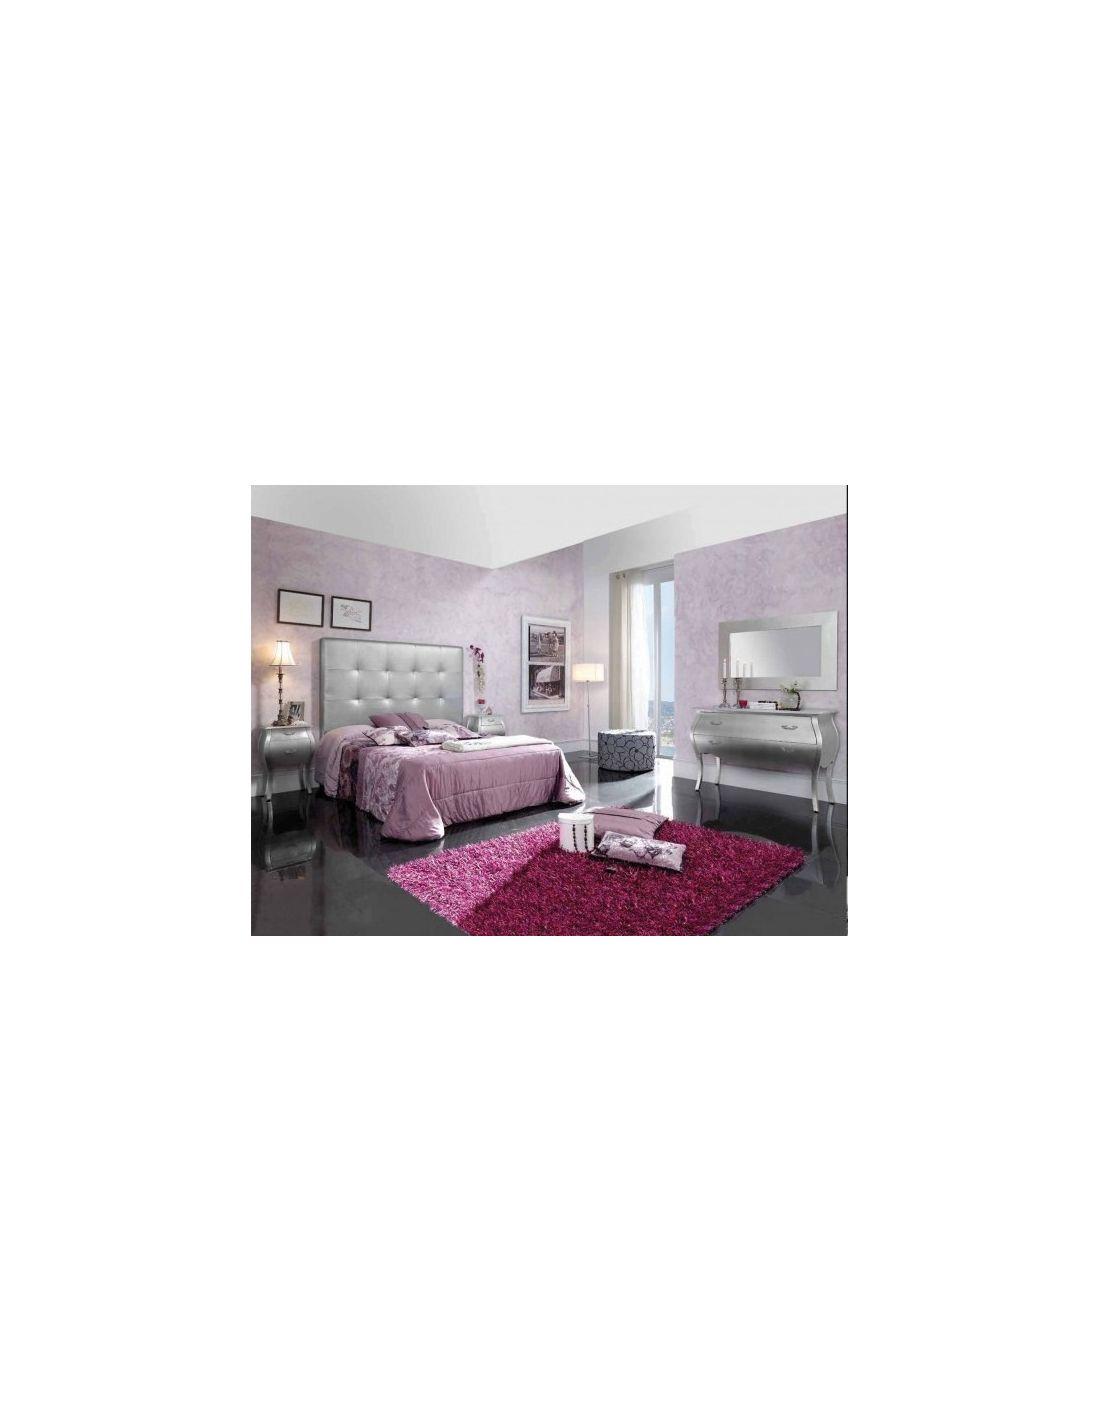 Cabeceros polipiel cabeceros piel cabeceros tapizados cabecero cama moderno cabeceros - Cabeceros de cama manuales ...